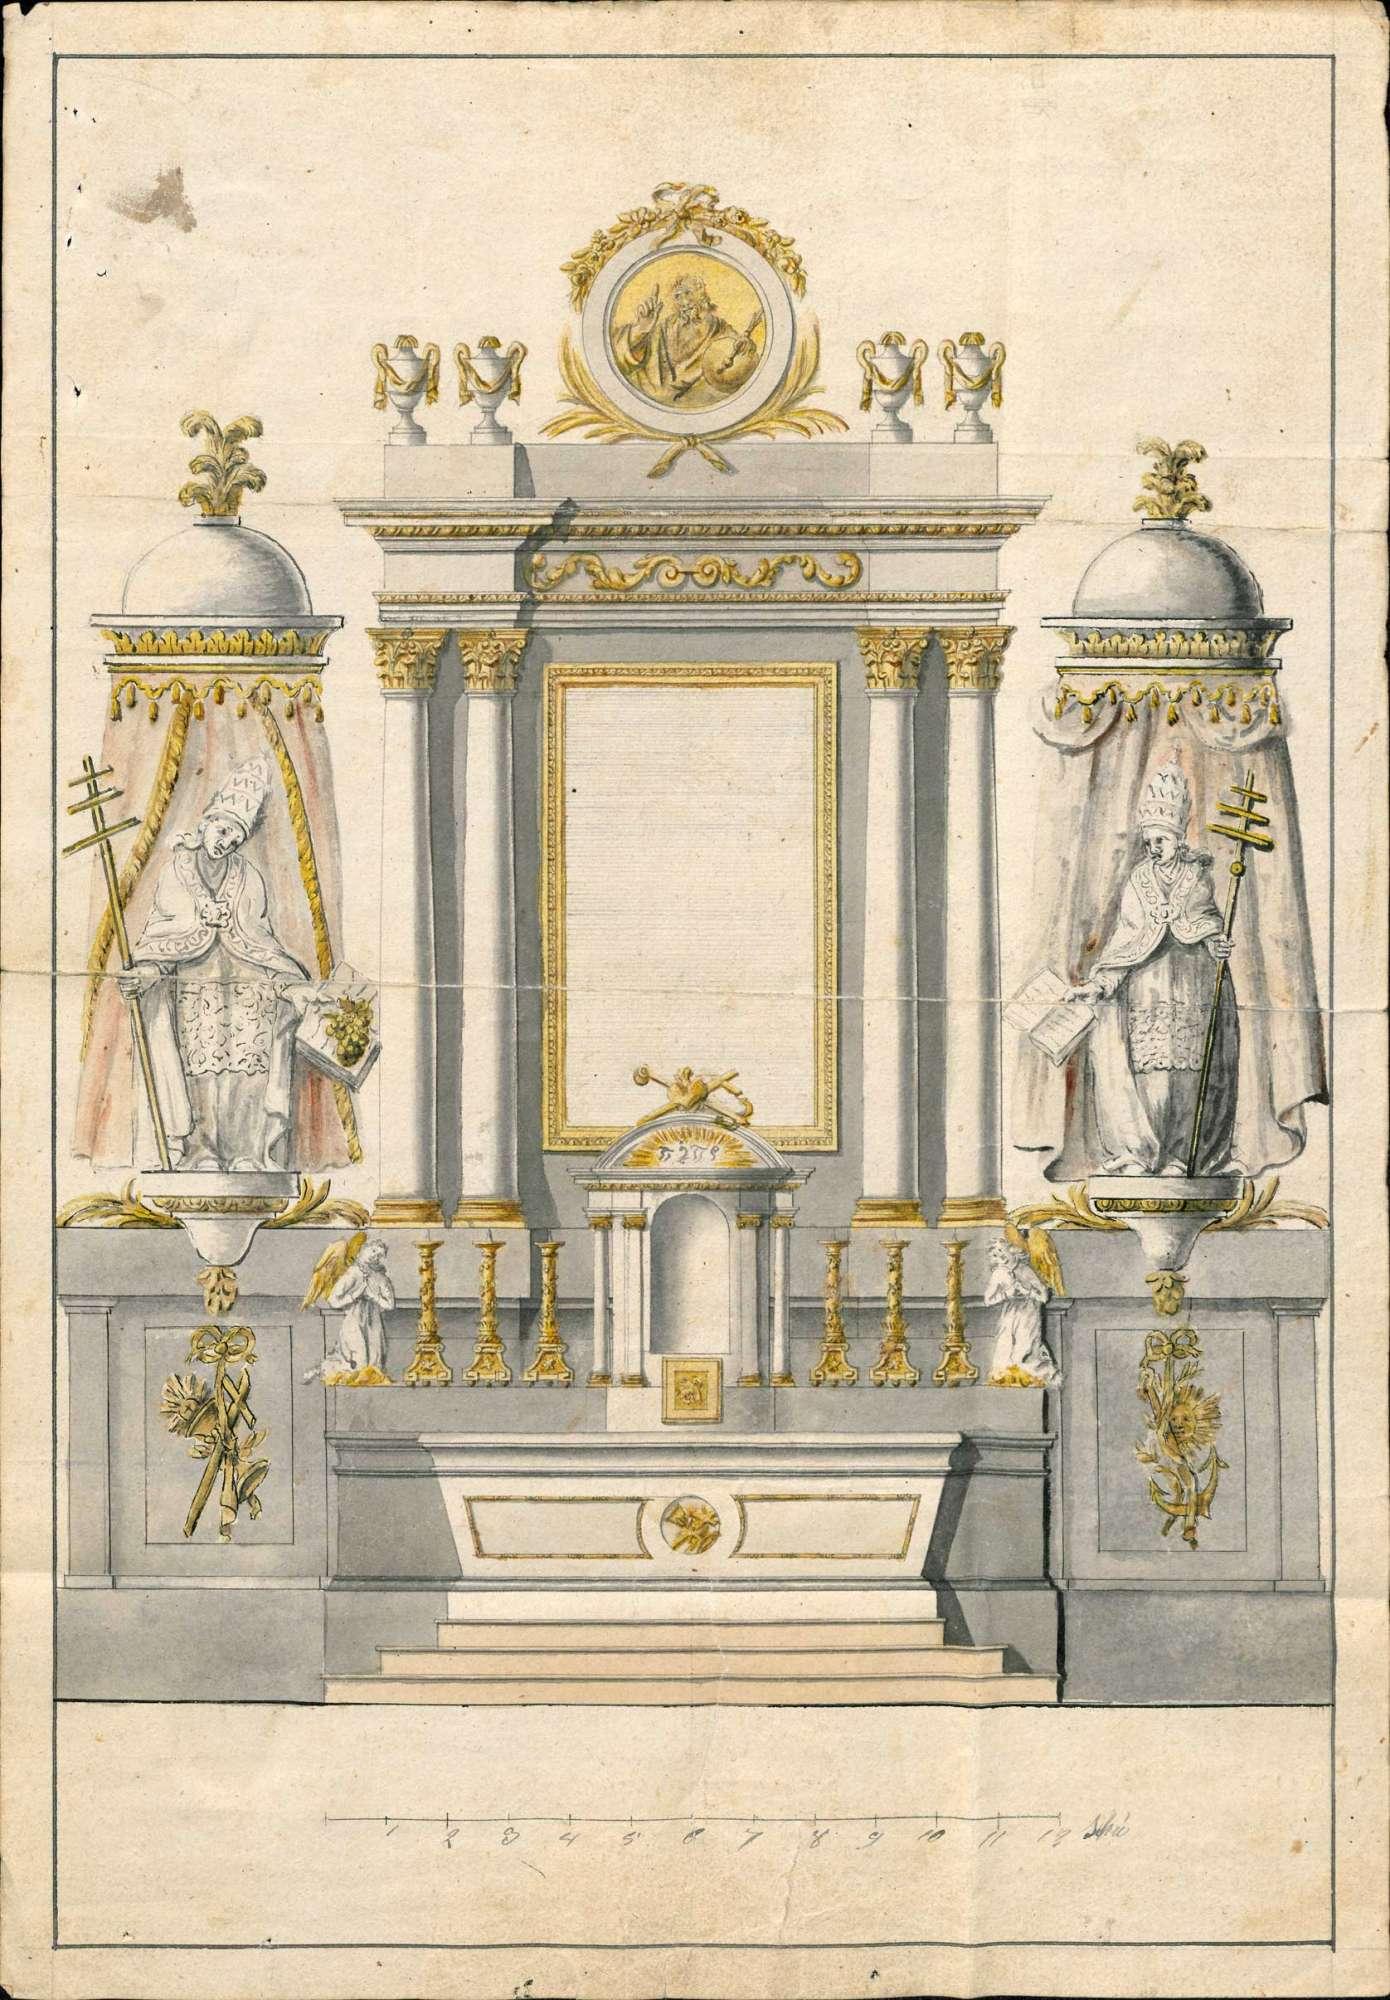 Erbauung und Unterhaltung der Pfarrkirche in Herten, Bild 2